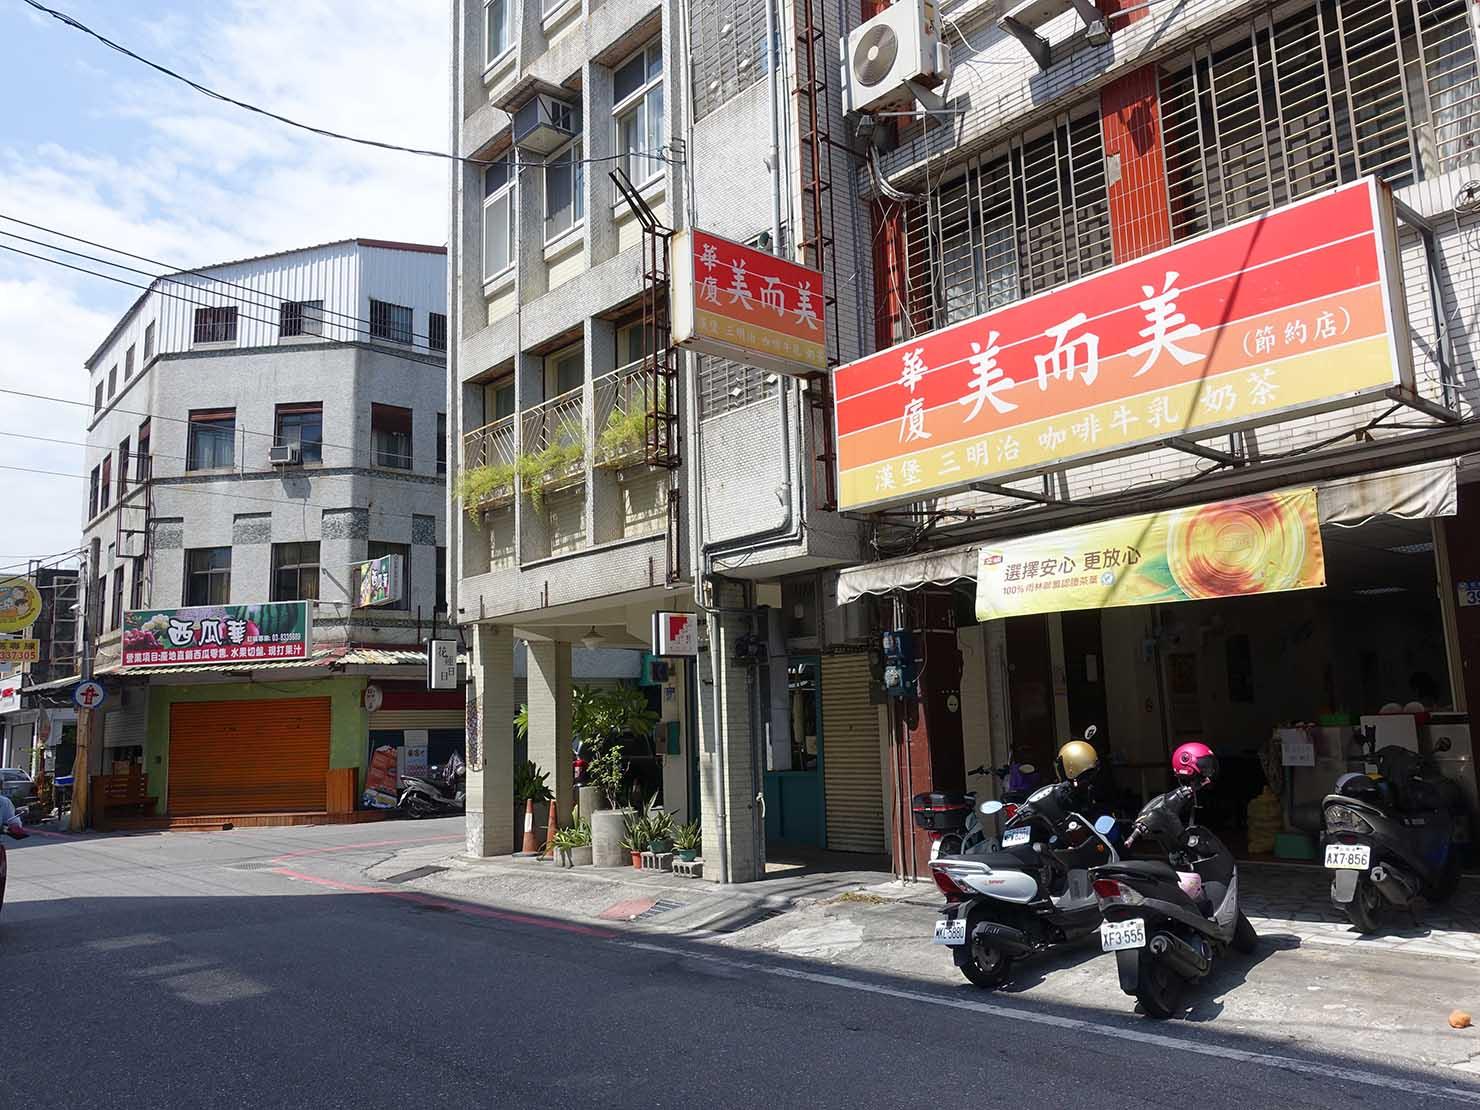 花蓮市街中心部のレトロかわいいおすすめゲストハウス「花蓮日日 Hualien dairy」隣の朝ごはん屋さん